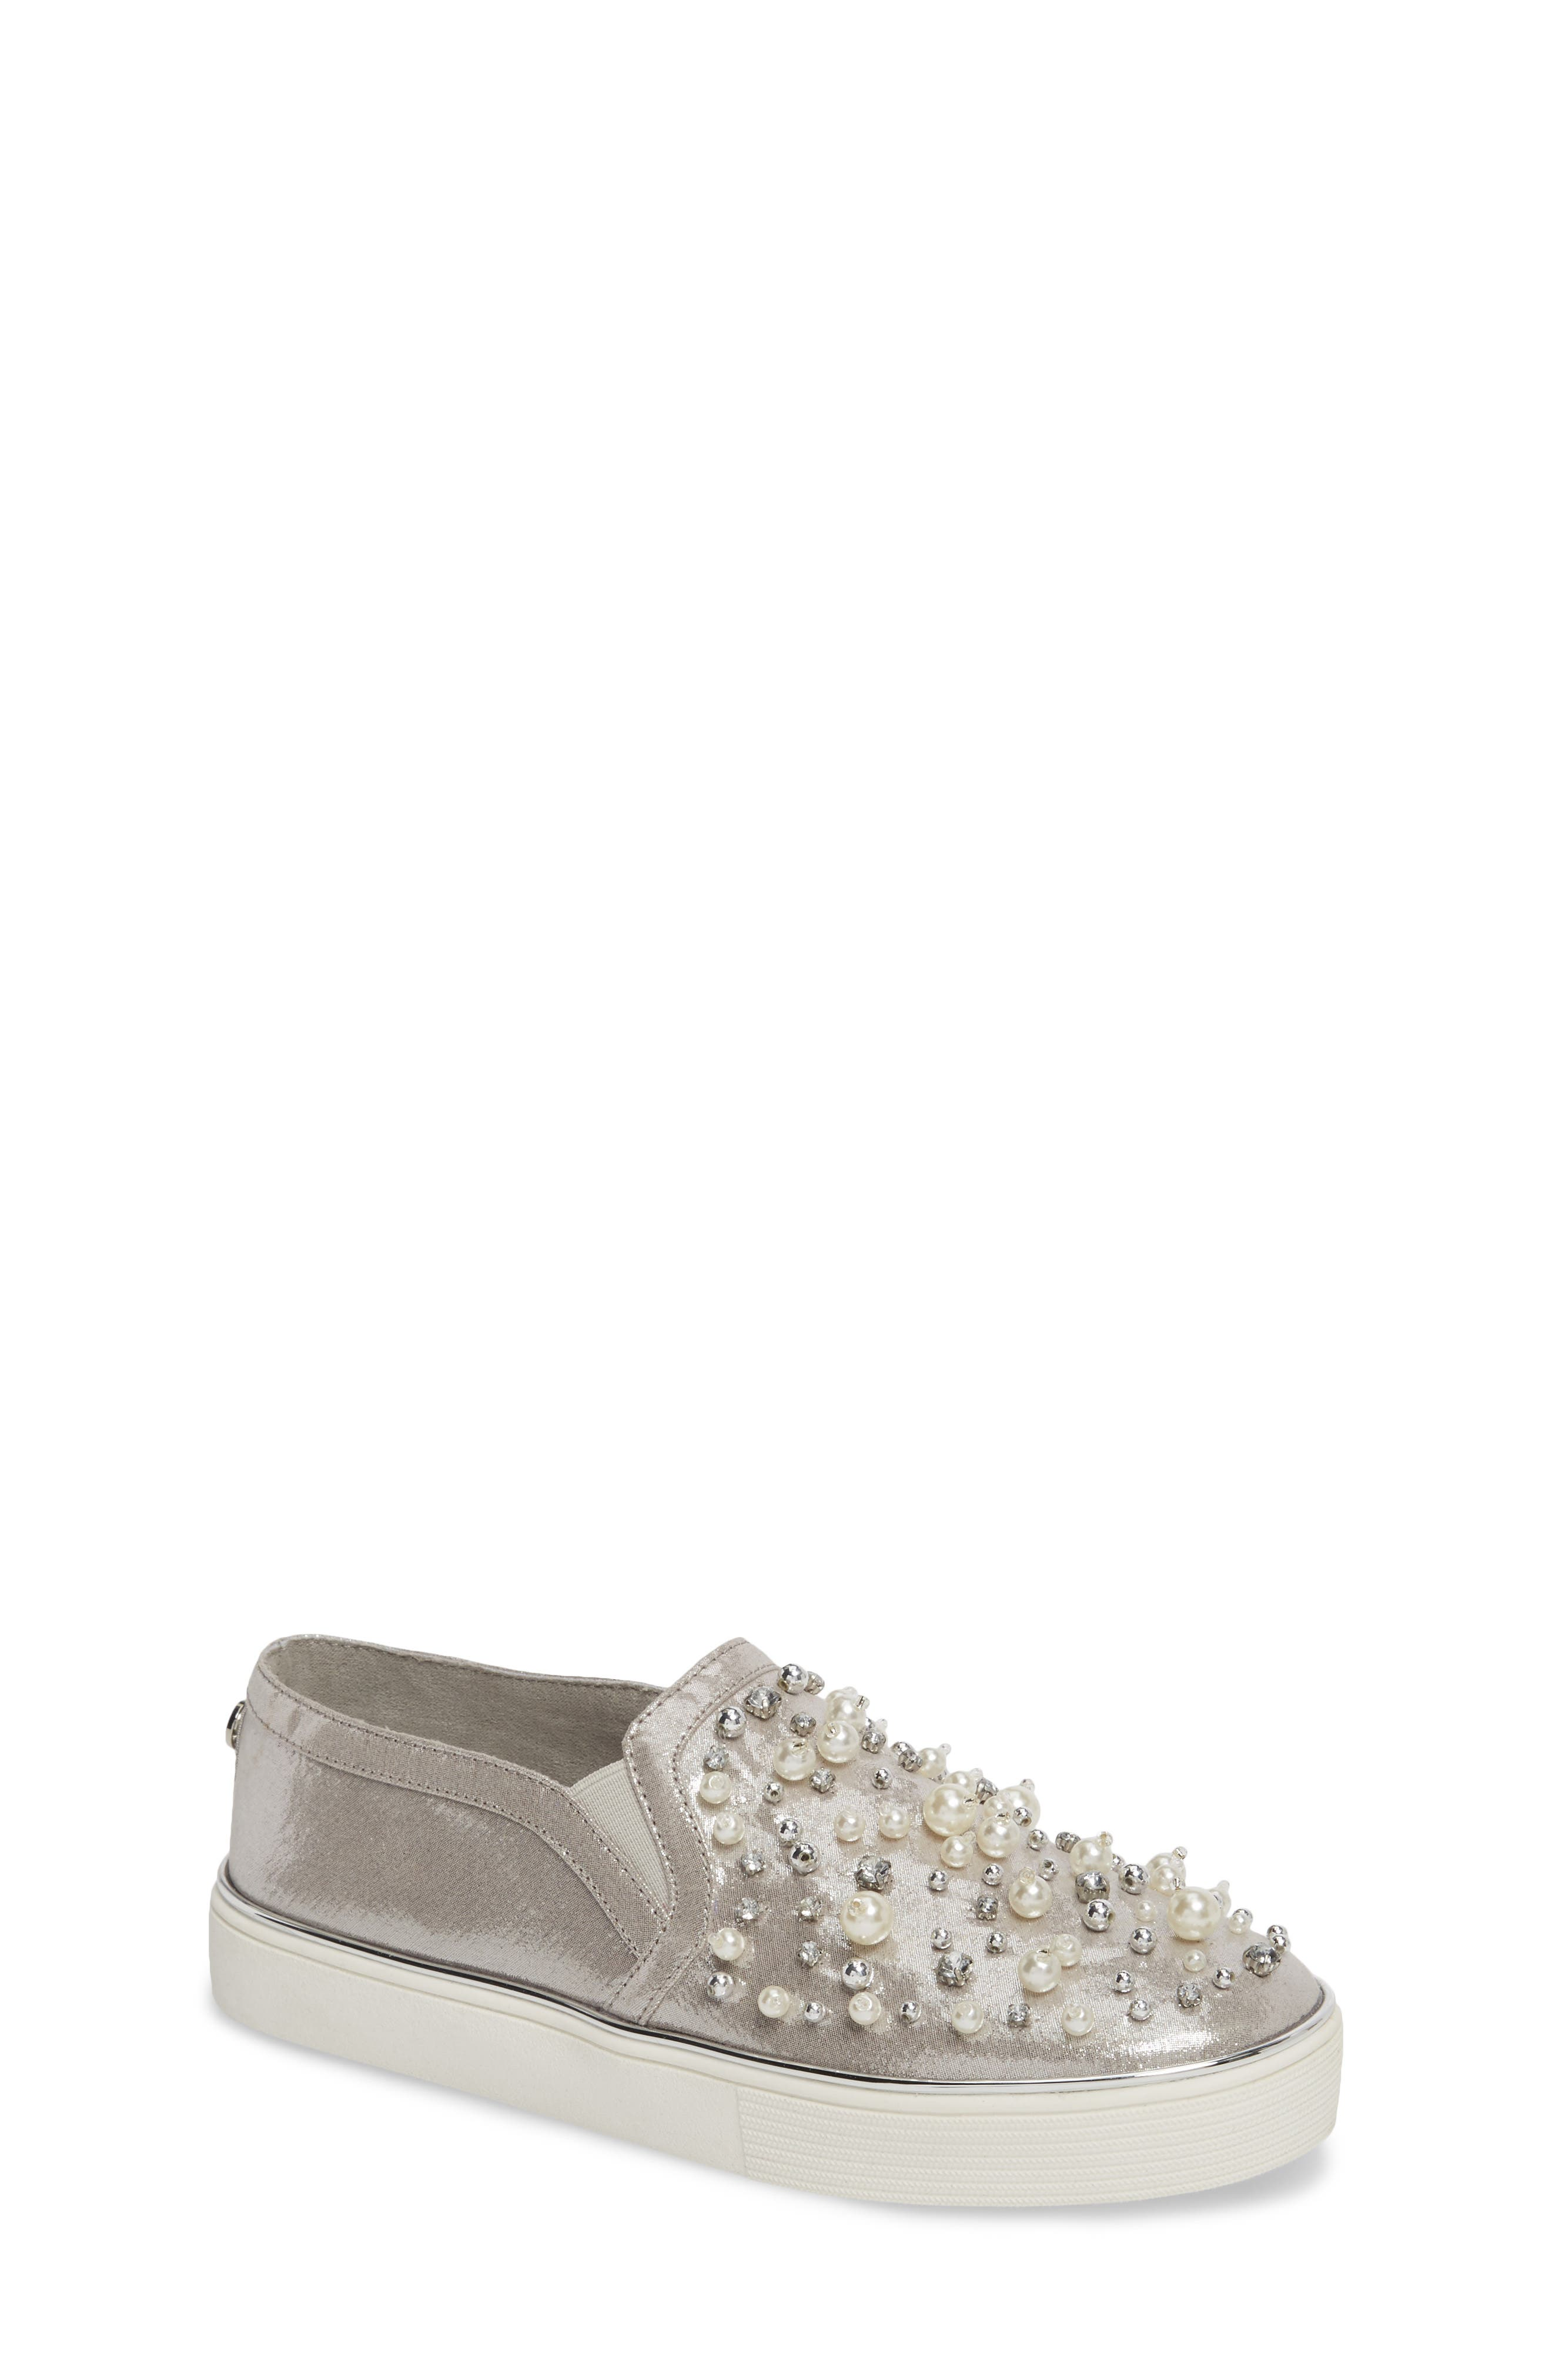 Vance Glitz Embellished Slip-On Sneaker,                         Main,                         color, 044